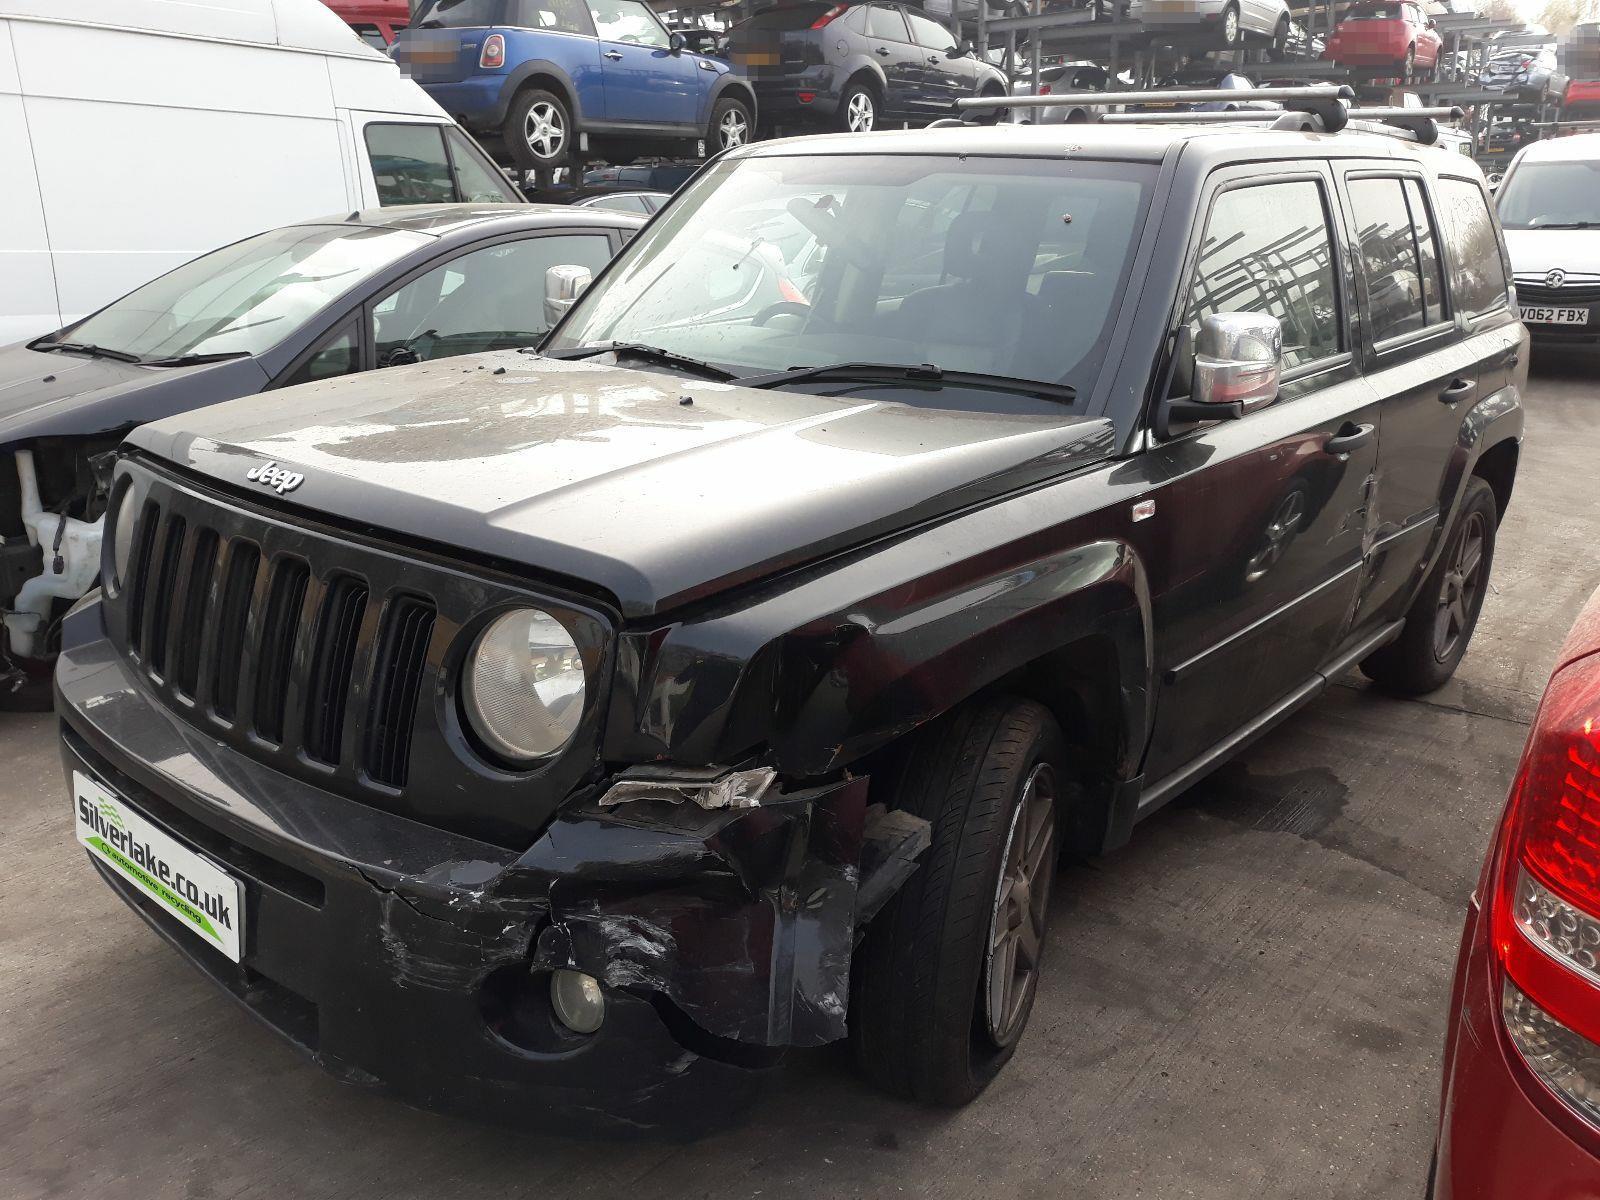 Jeep Patriot 2007 To 2011 Limited CRD 5 Door 4x4